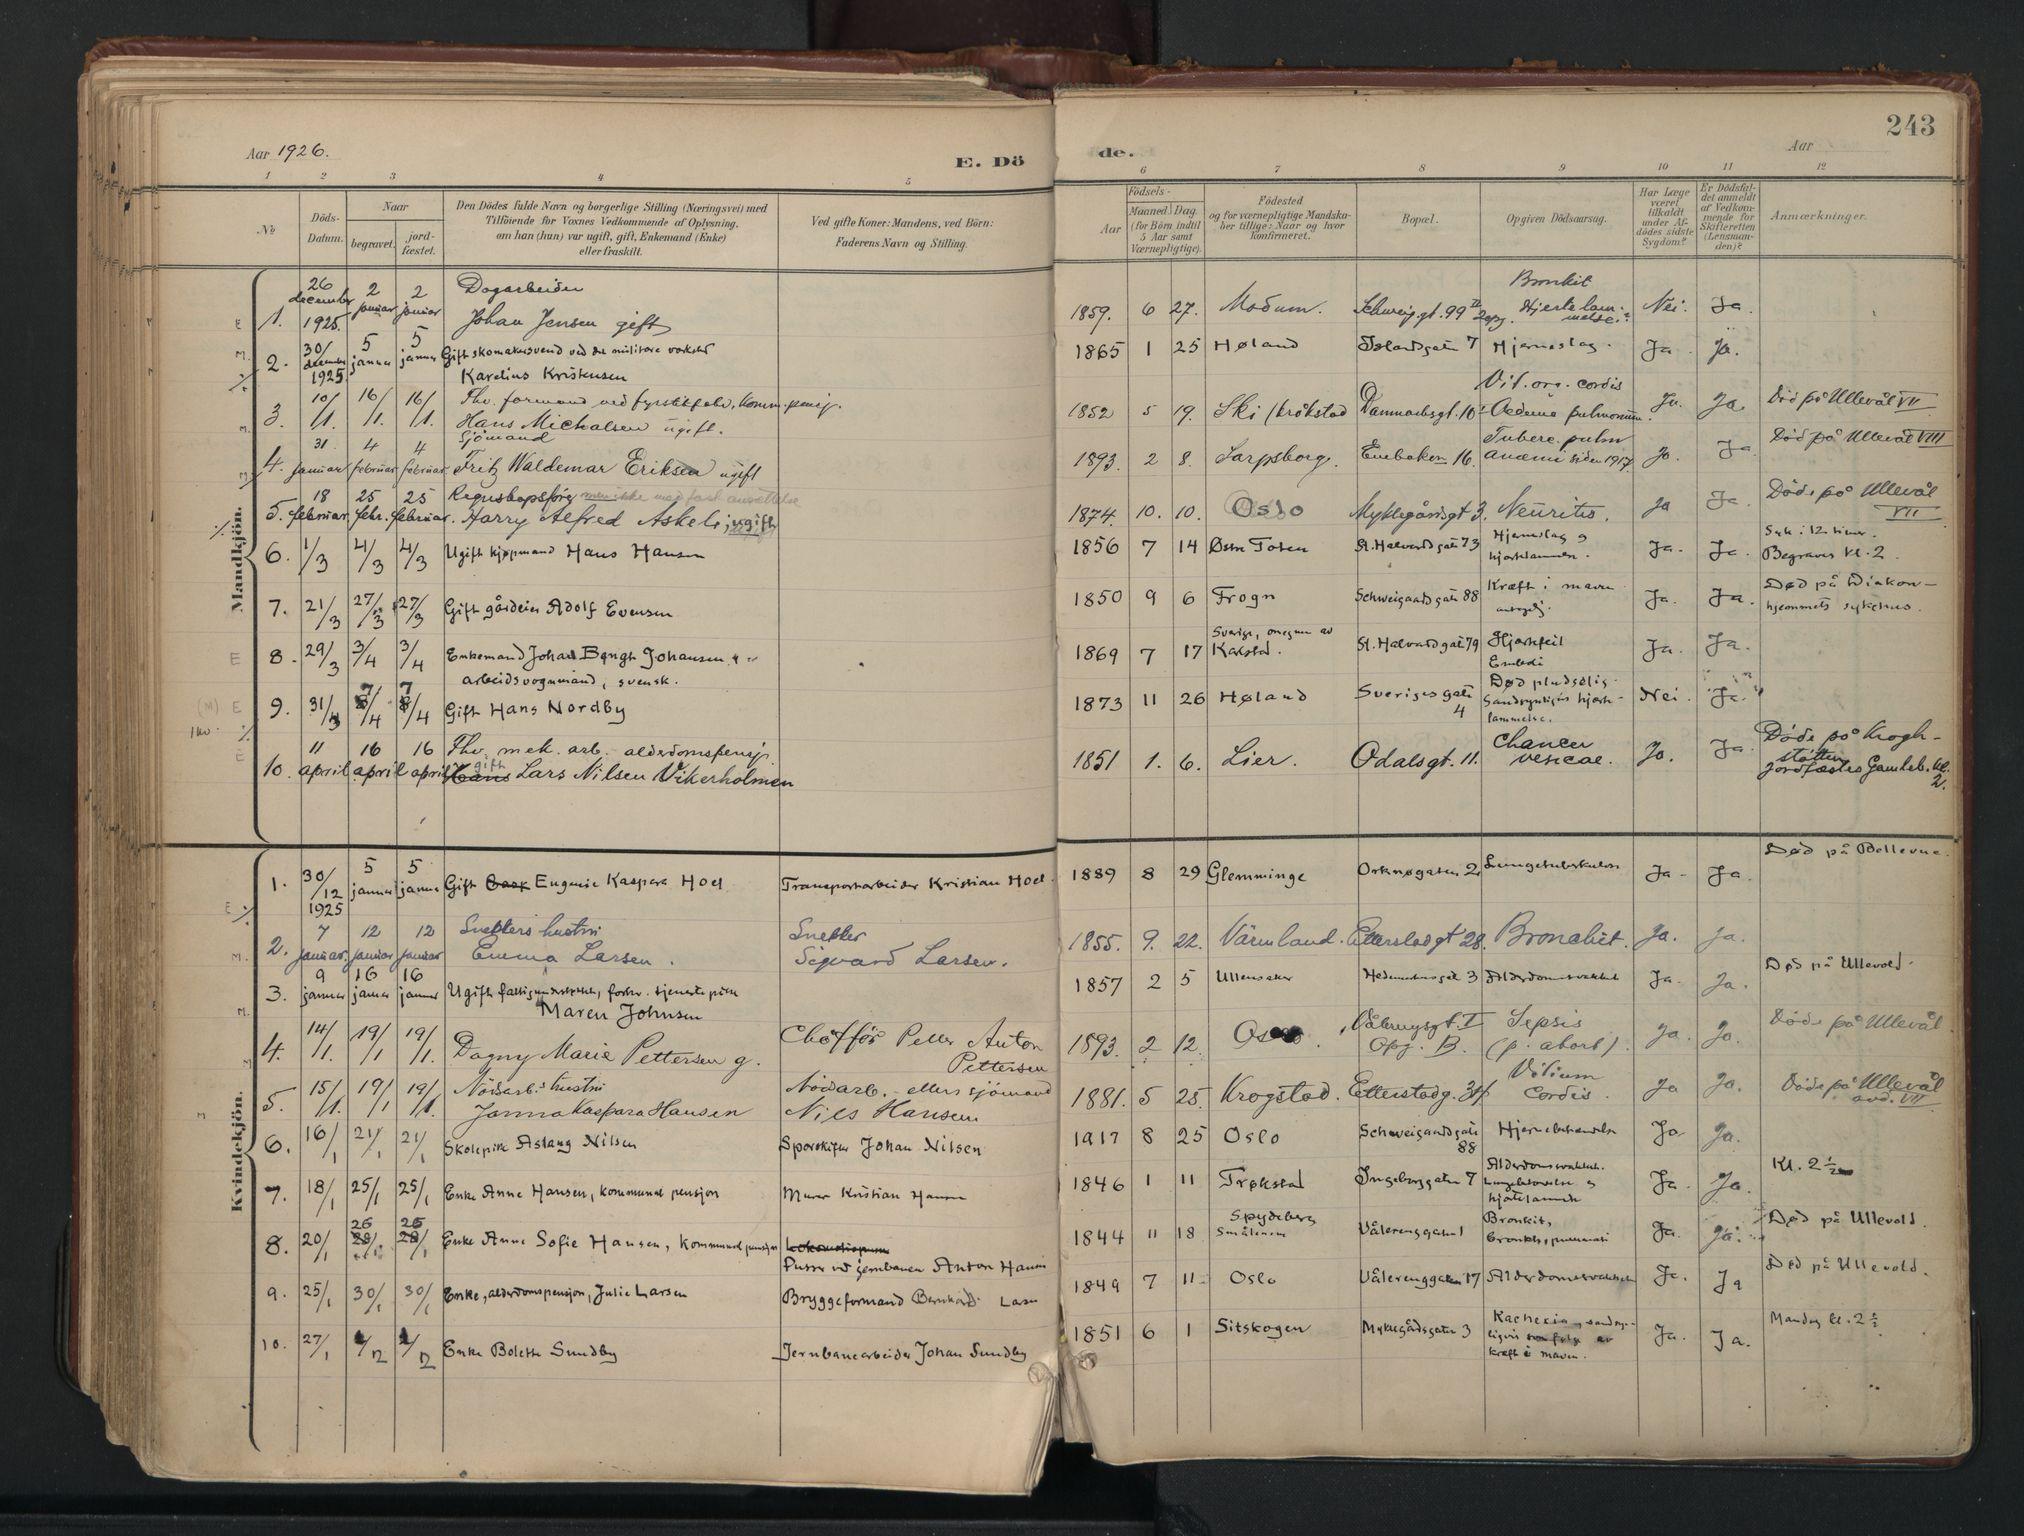 SAO, Vålerengen prestekontor Kirkebøker, F/Fa/L0003: Ministerialbok nr. 3, 1899-1930, s. 243